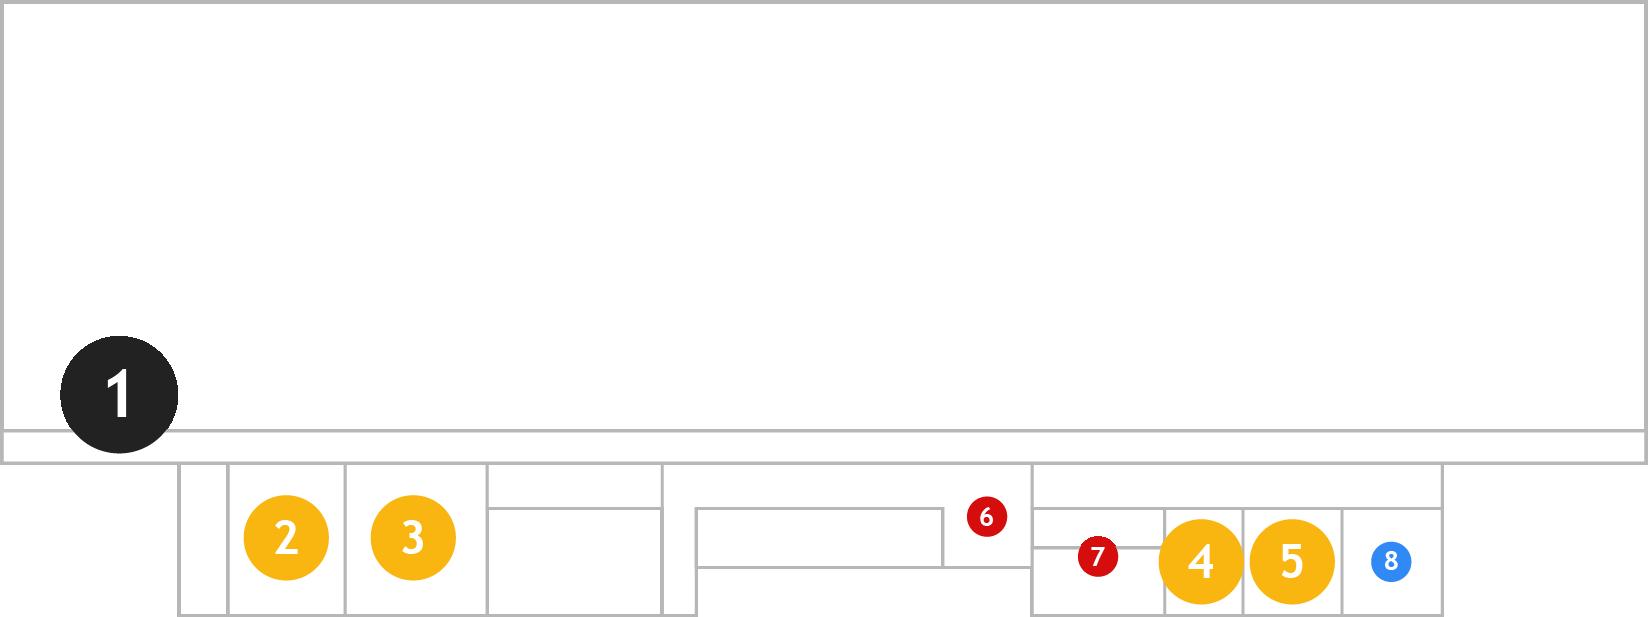 bctw poziom 1 mapa poglądowa